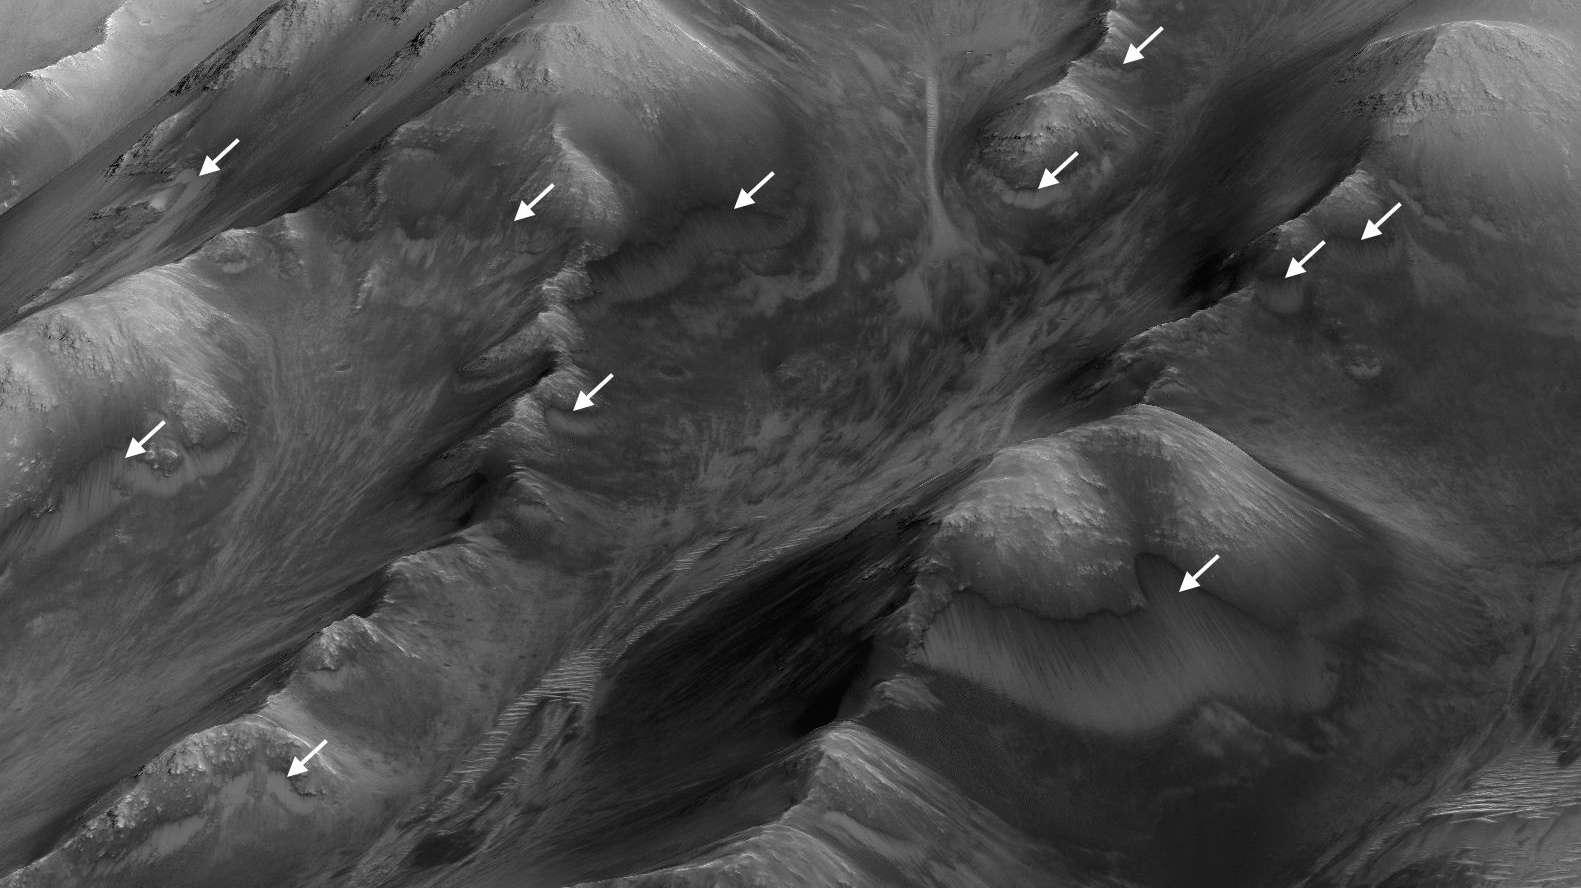 Sur cette image de la région des monts Coprates dans le vaste réseau de canyons de Valles Marineris, les flèches indiquent les stries sombres associées à de probables écoulements d'eau. Elles apparaissent aux périodes de l'année martienne les plus chaudes puis disparaissent. Elles suggèrent la présence d'eau près de la surface sur Mars. © Nasa, JPL-Caltech, University of Arizona